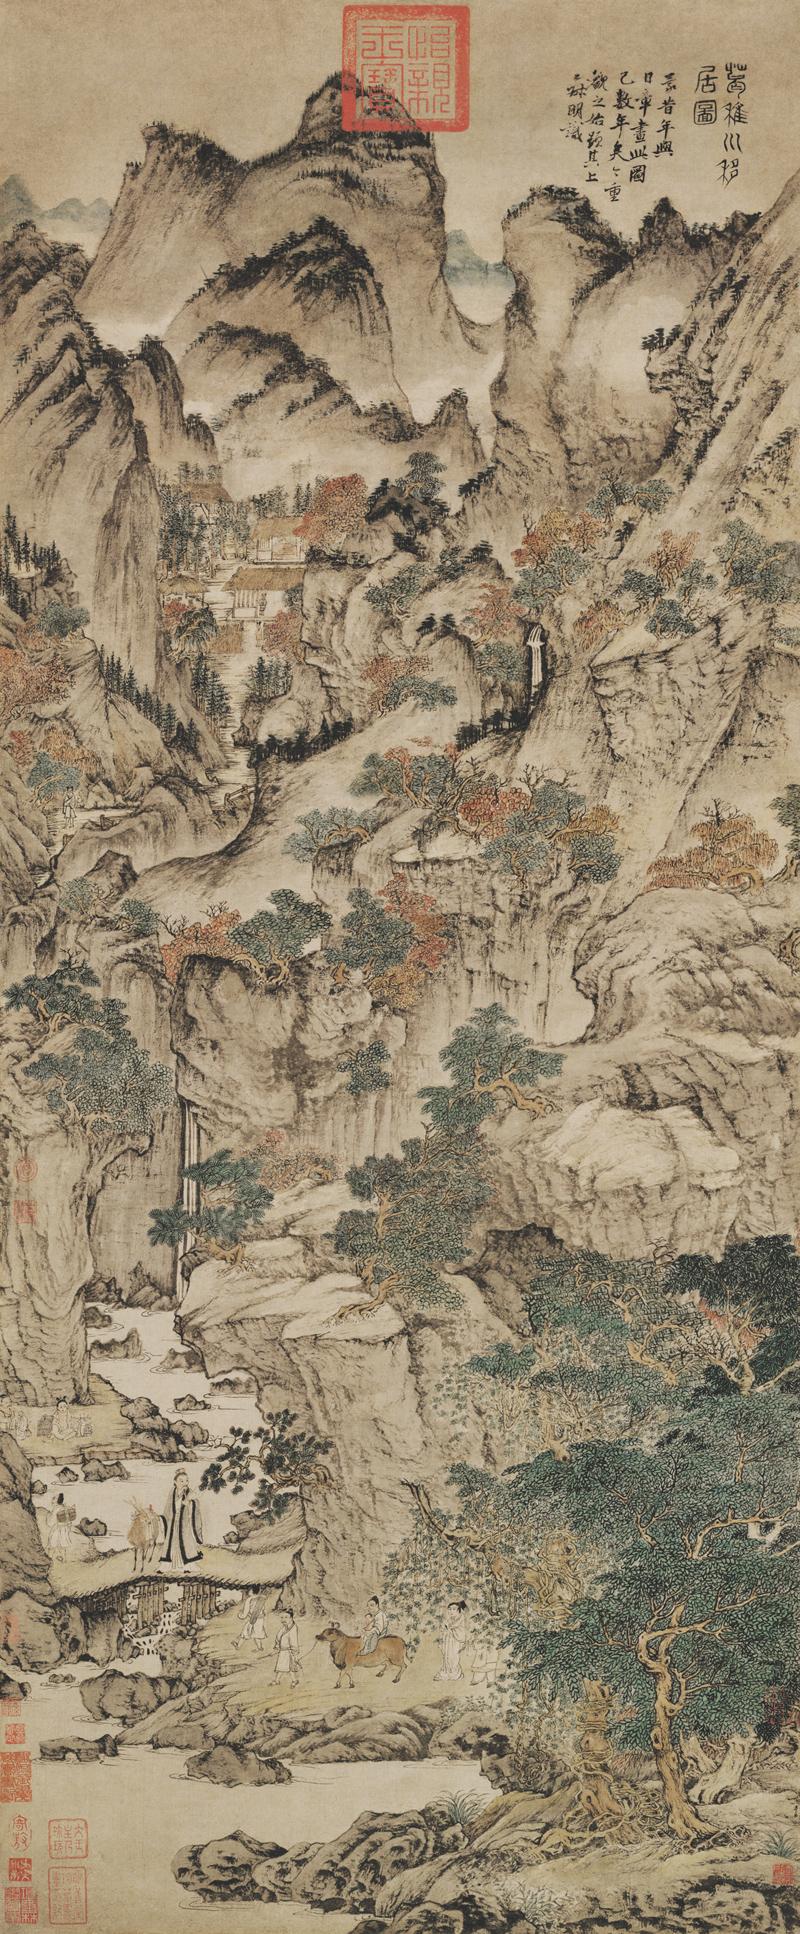 Wang Meng Ge Zhichuan Moving To The Mountains China